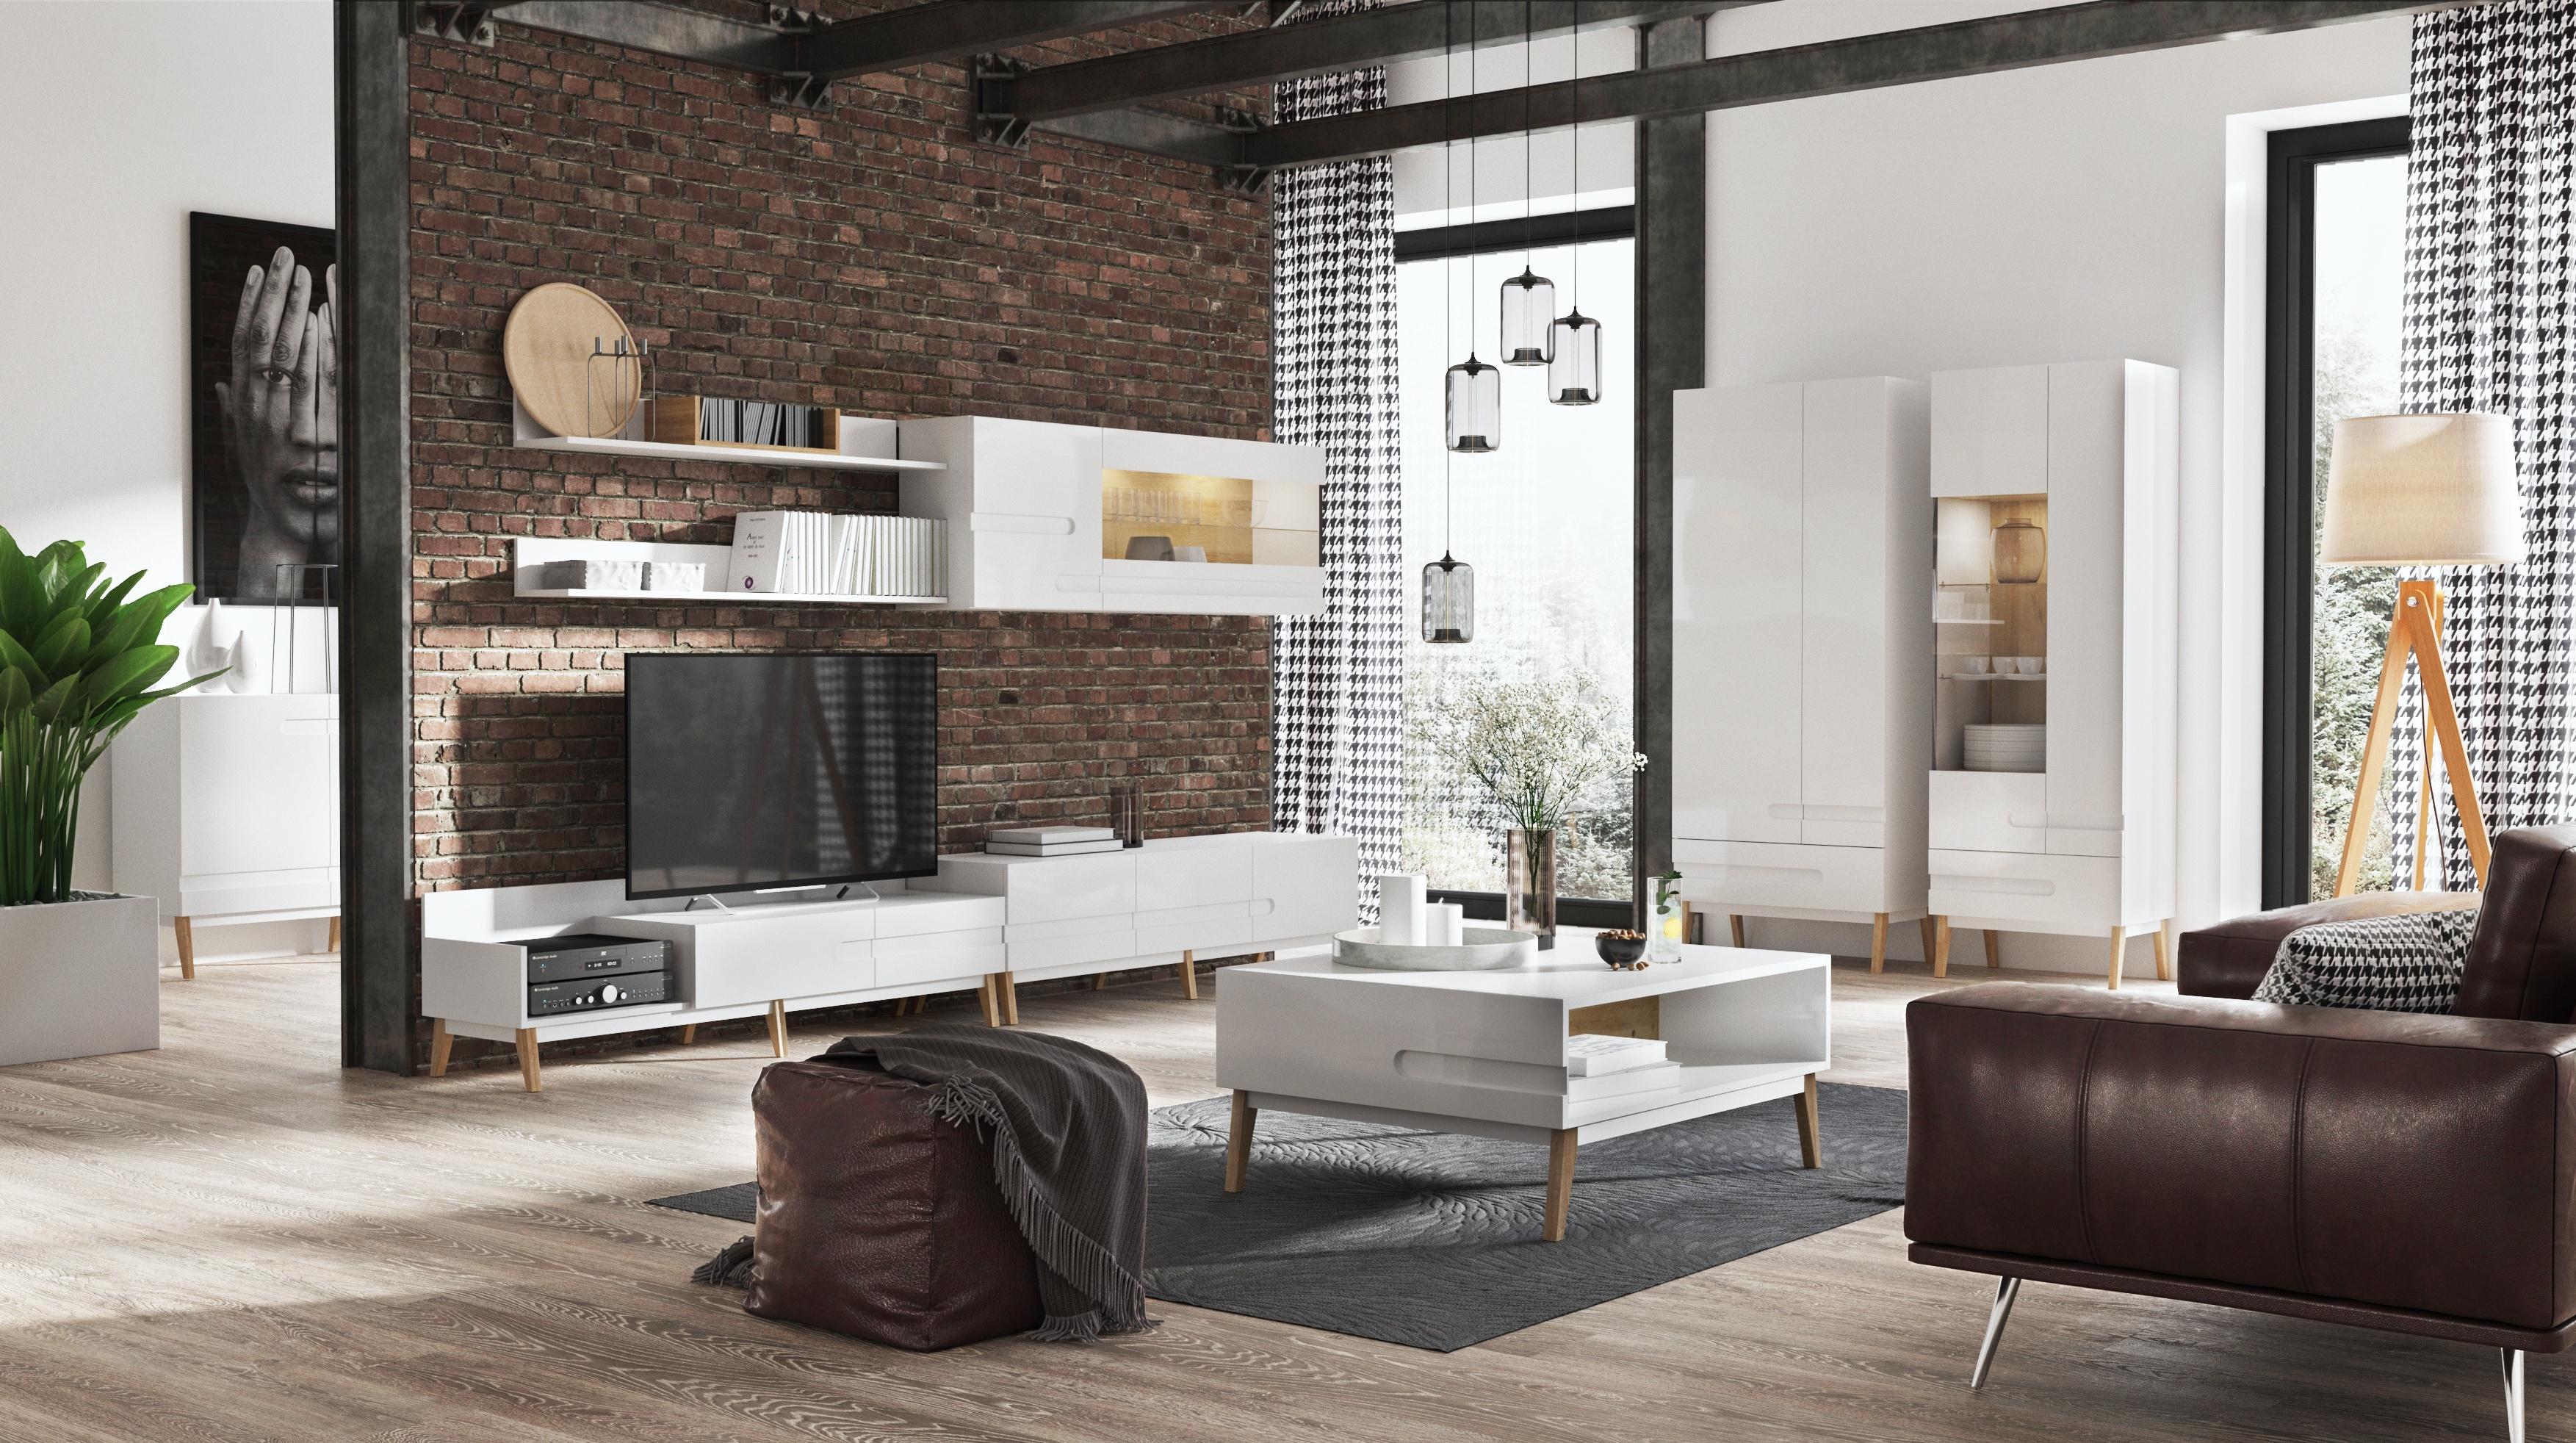 Hygge: styl bydlení a recept na šťastný život